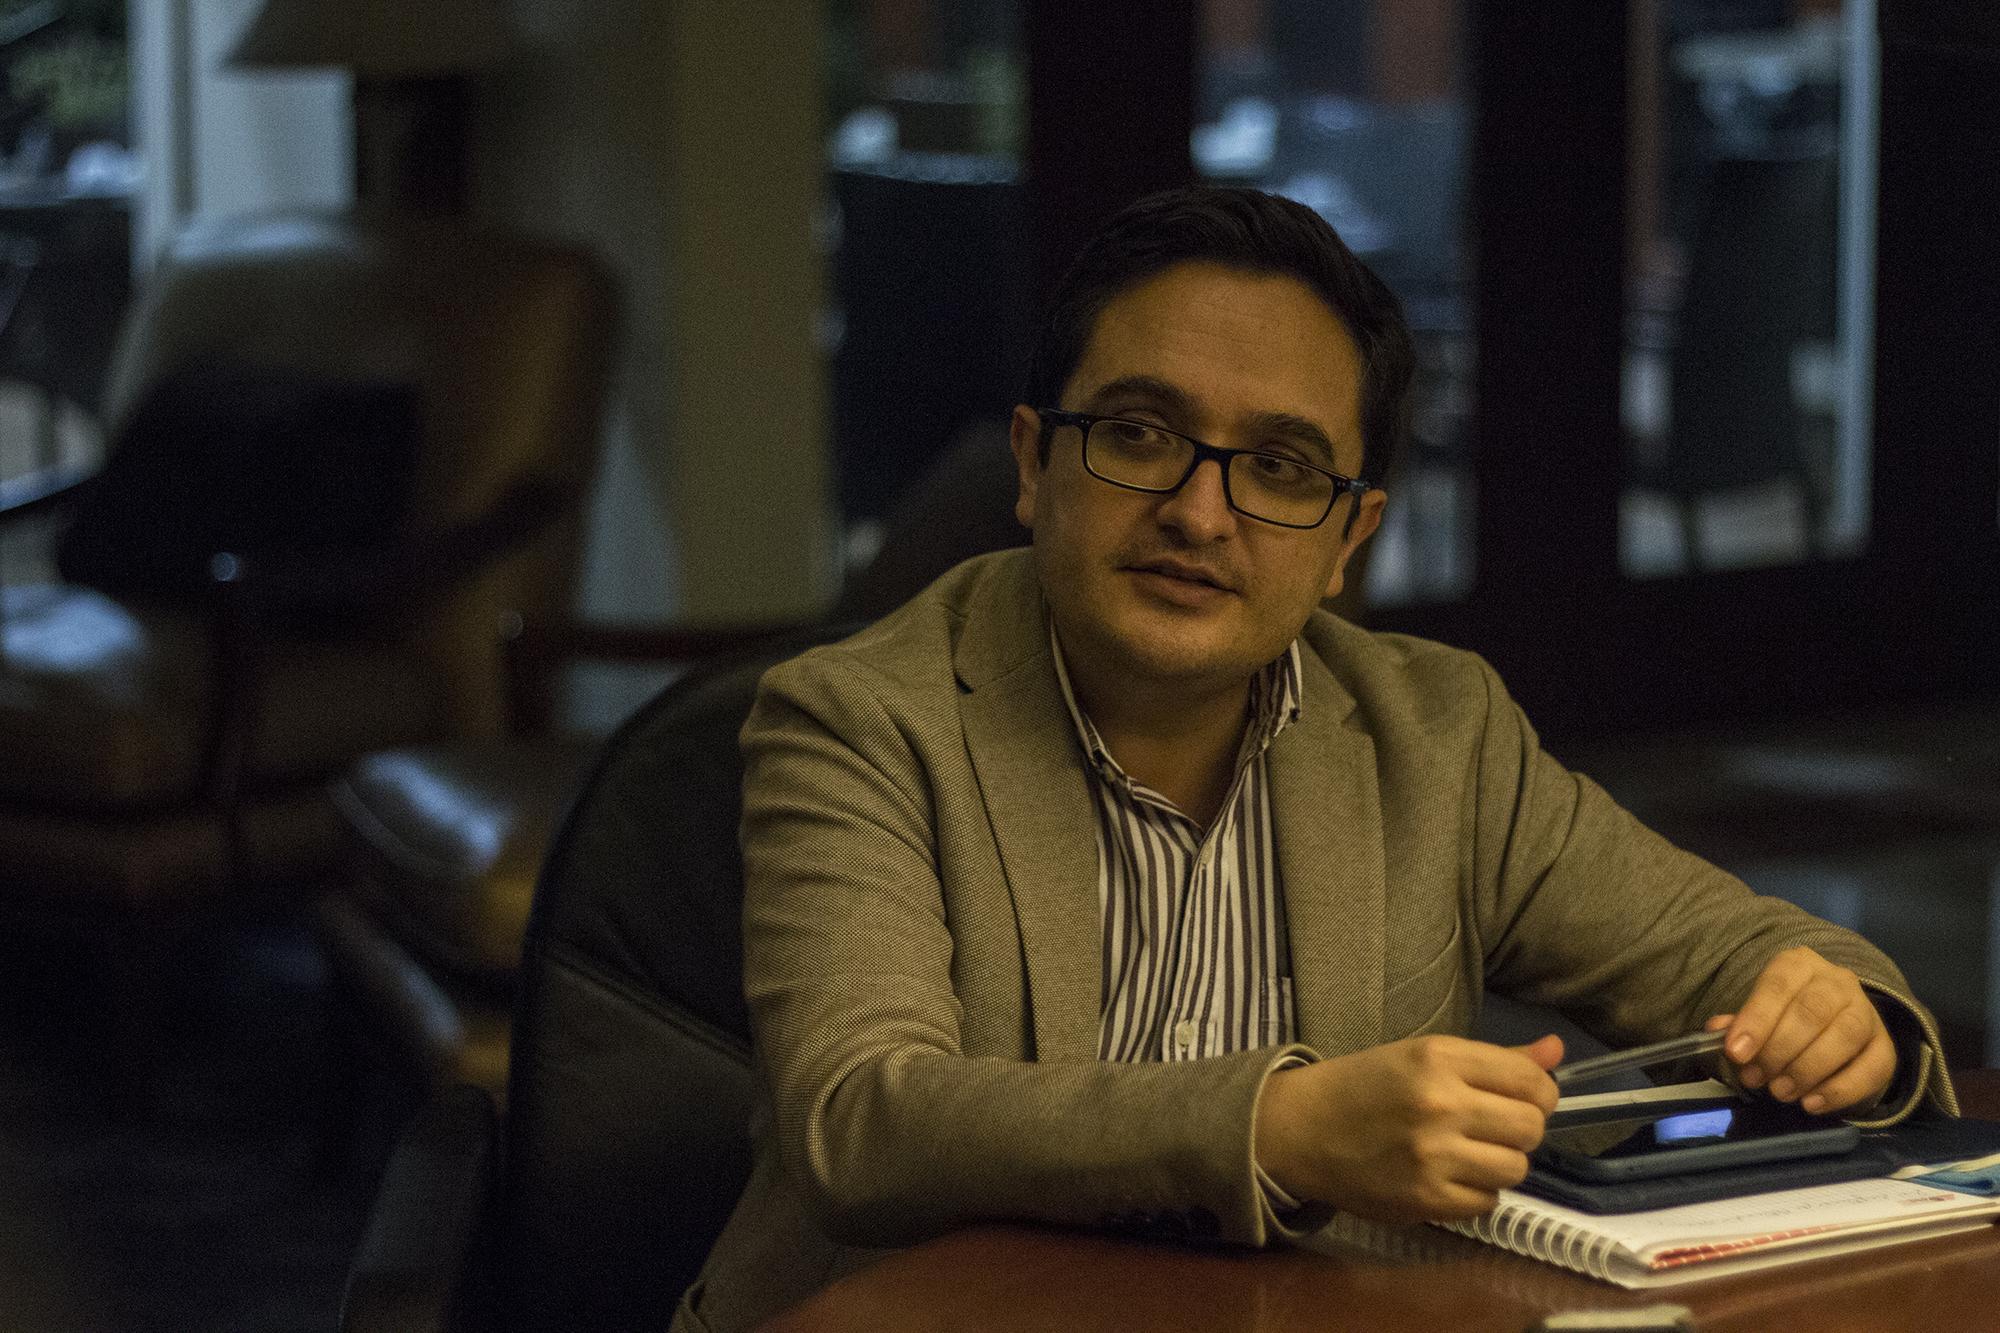 Juan Francisco Sandoval ofrece una entrevista a El Faro, horas después de haber ingresado a El Salvador, tras ser separado de su cargo como jefe de la Fiscalía Especial Contra la Impunidad de Guatemala (FECI).. Foto de El Faro: Víctor Peña.